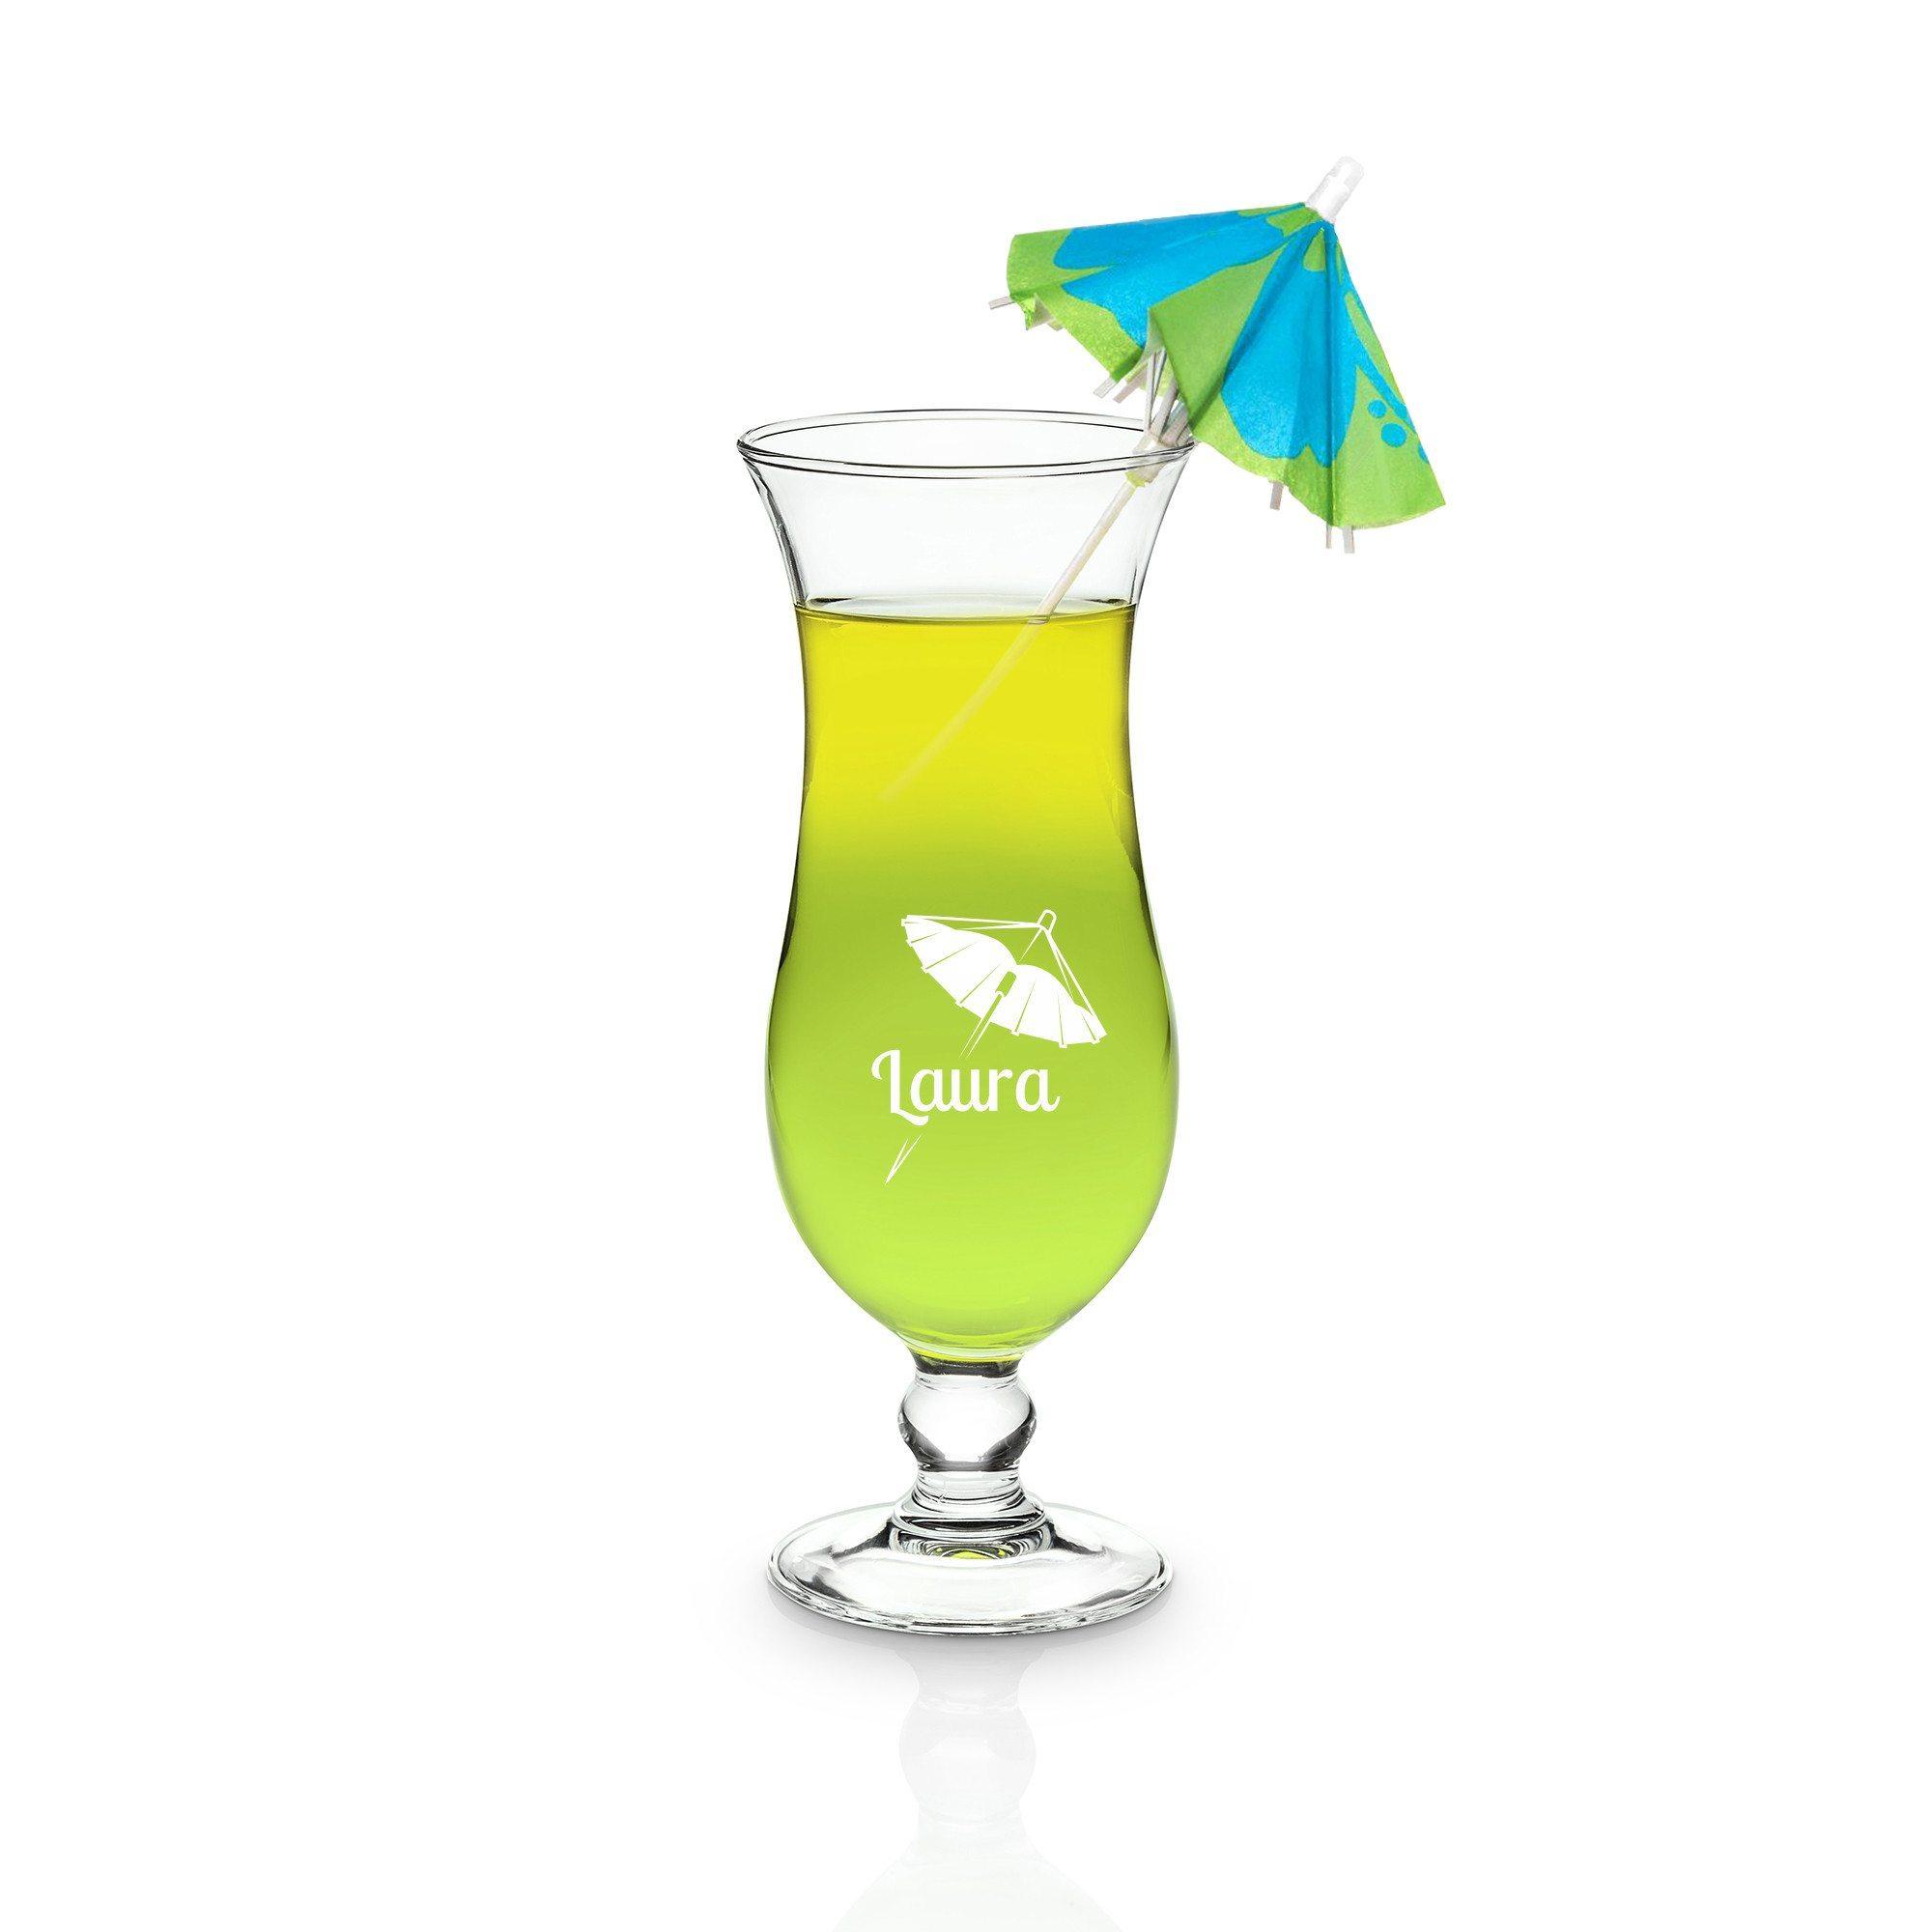 Cocktail-glas med indgravering